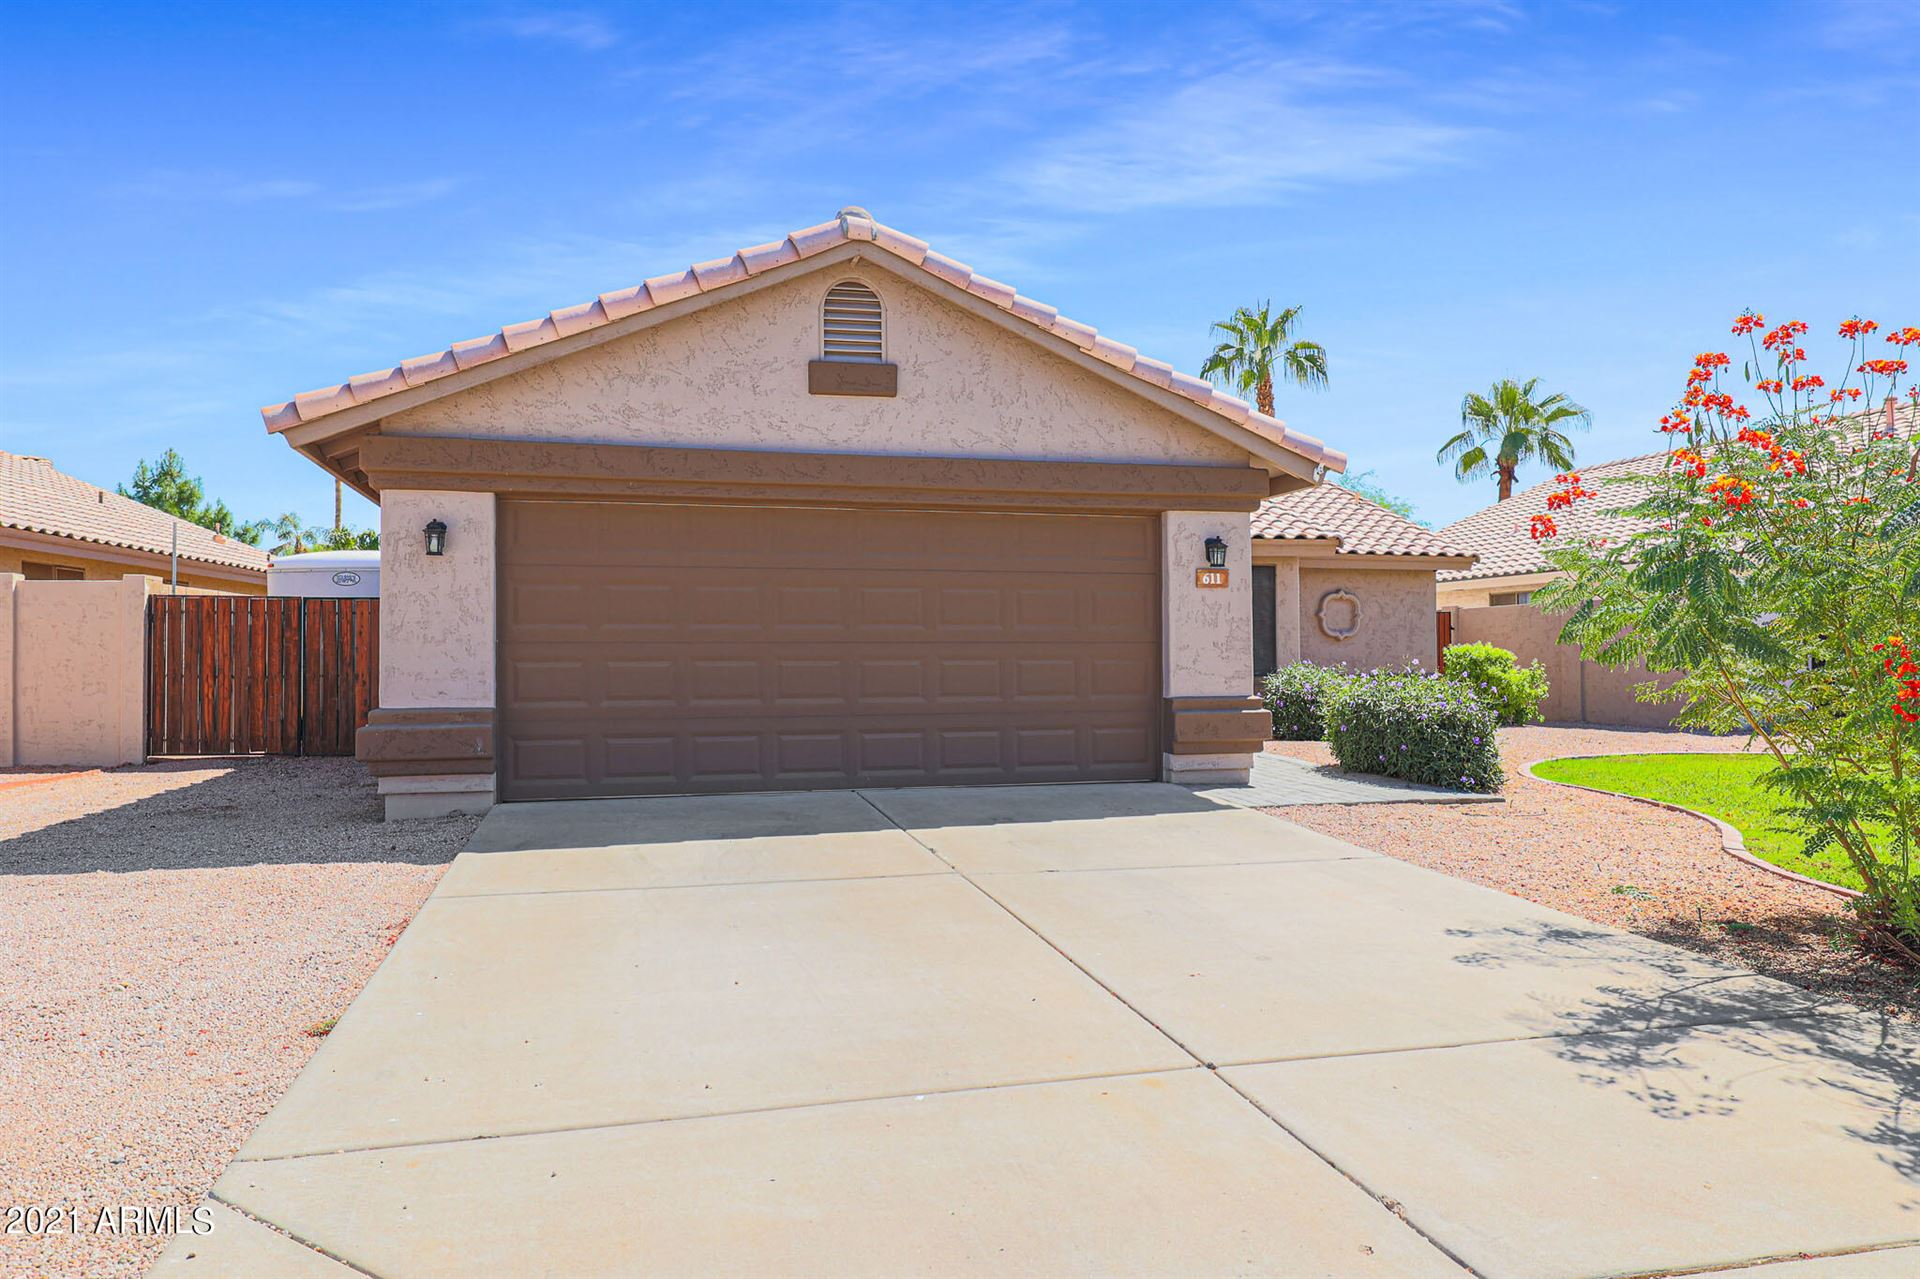 Photo of 611 N BRETT Street, Gilbert, AZ 85234 (MLS # 6294330)